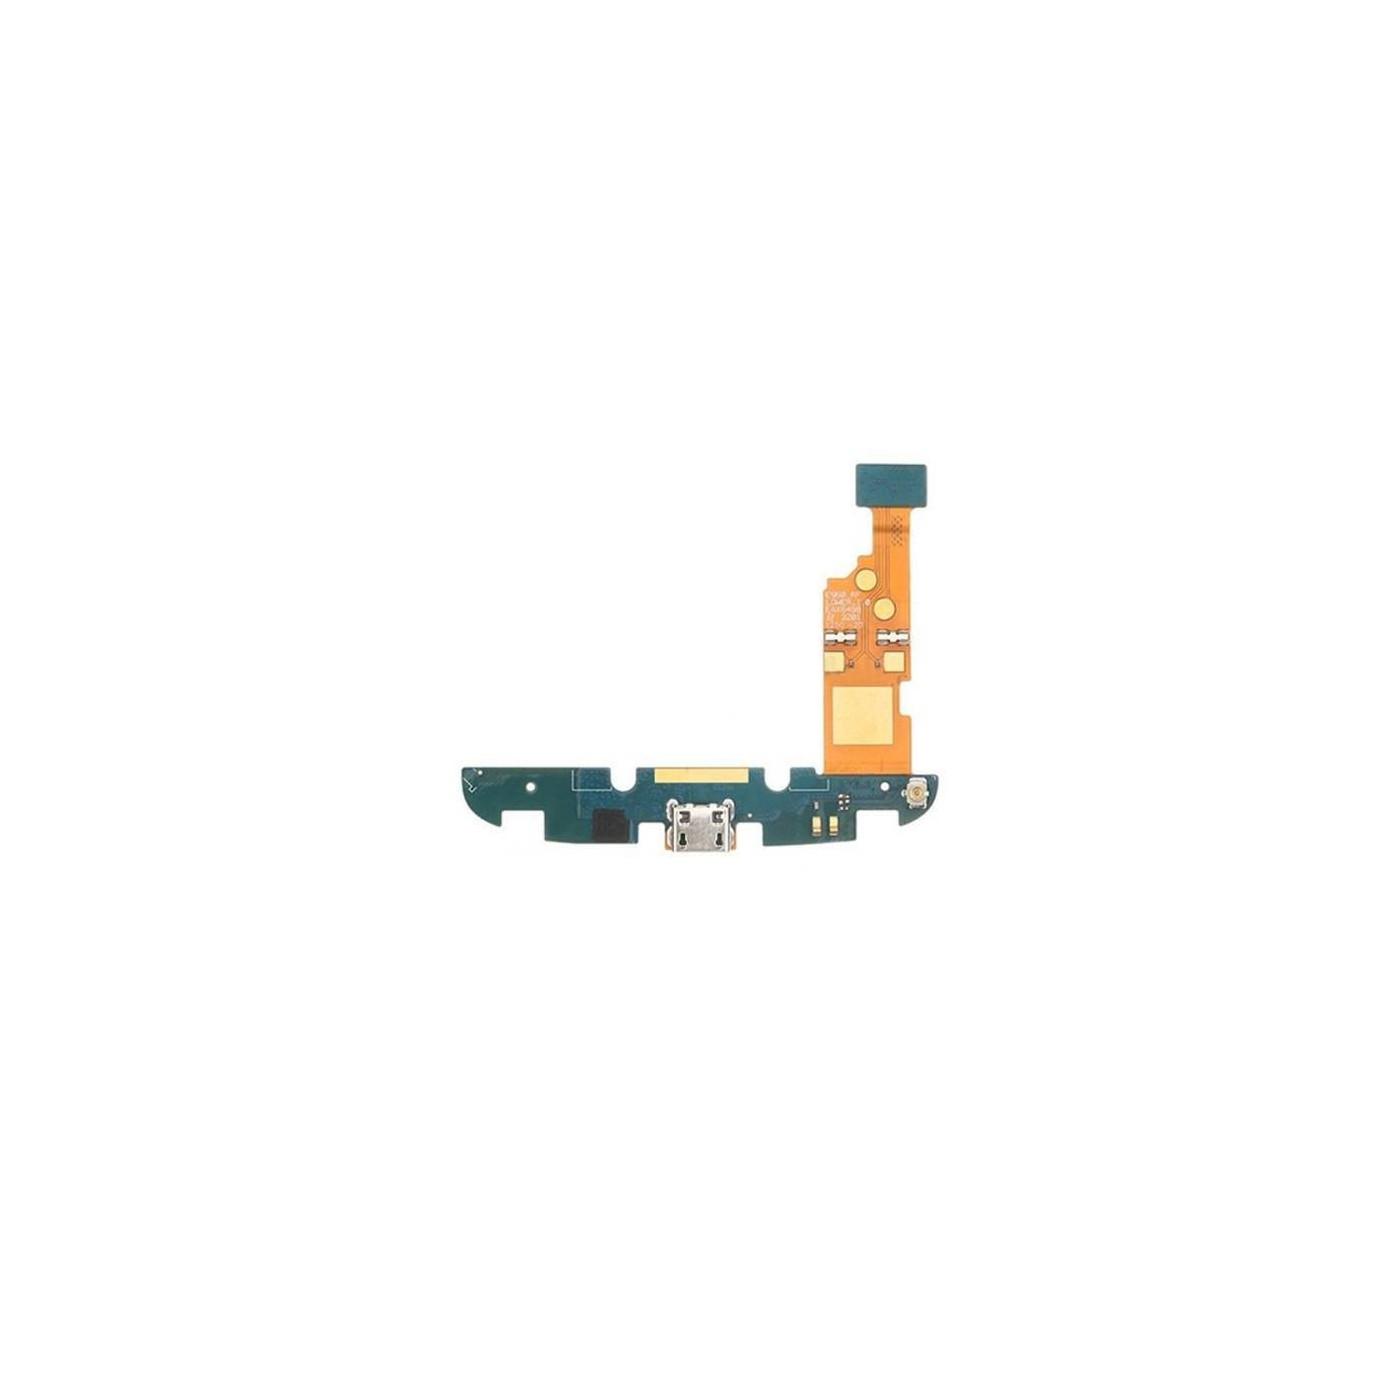 Conector de carga plana y flexible para Google Nexus 4 E960 que carga el puerto de datos usb